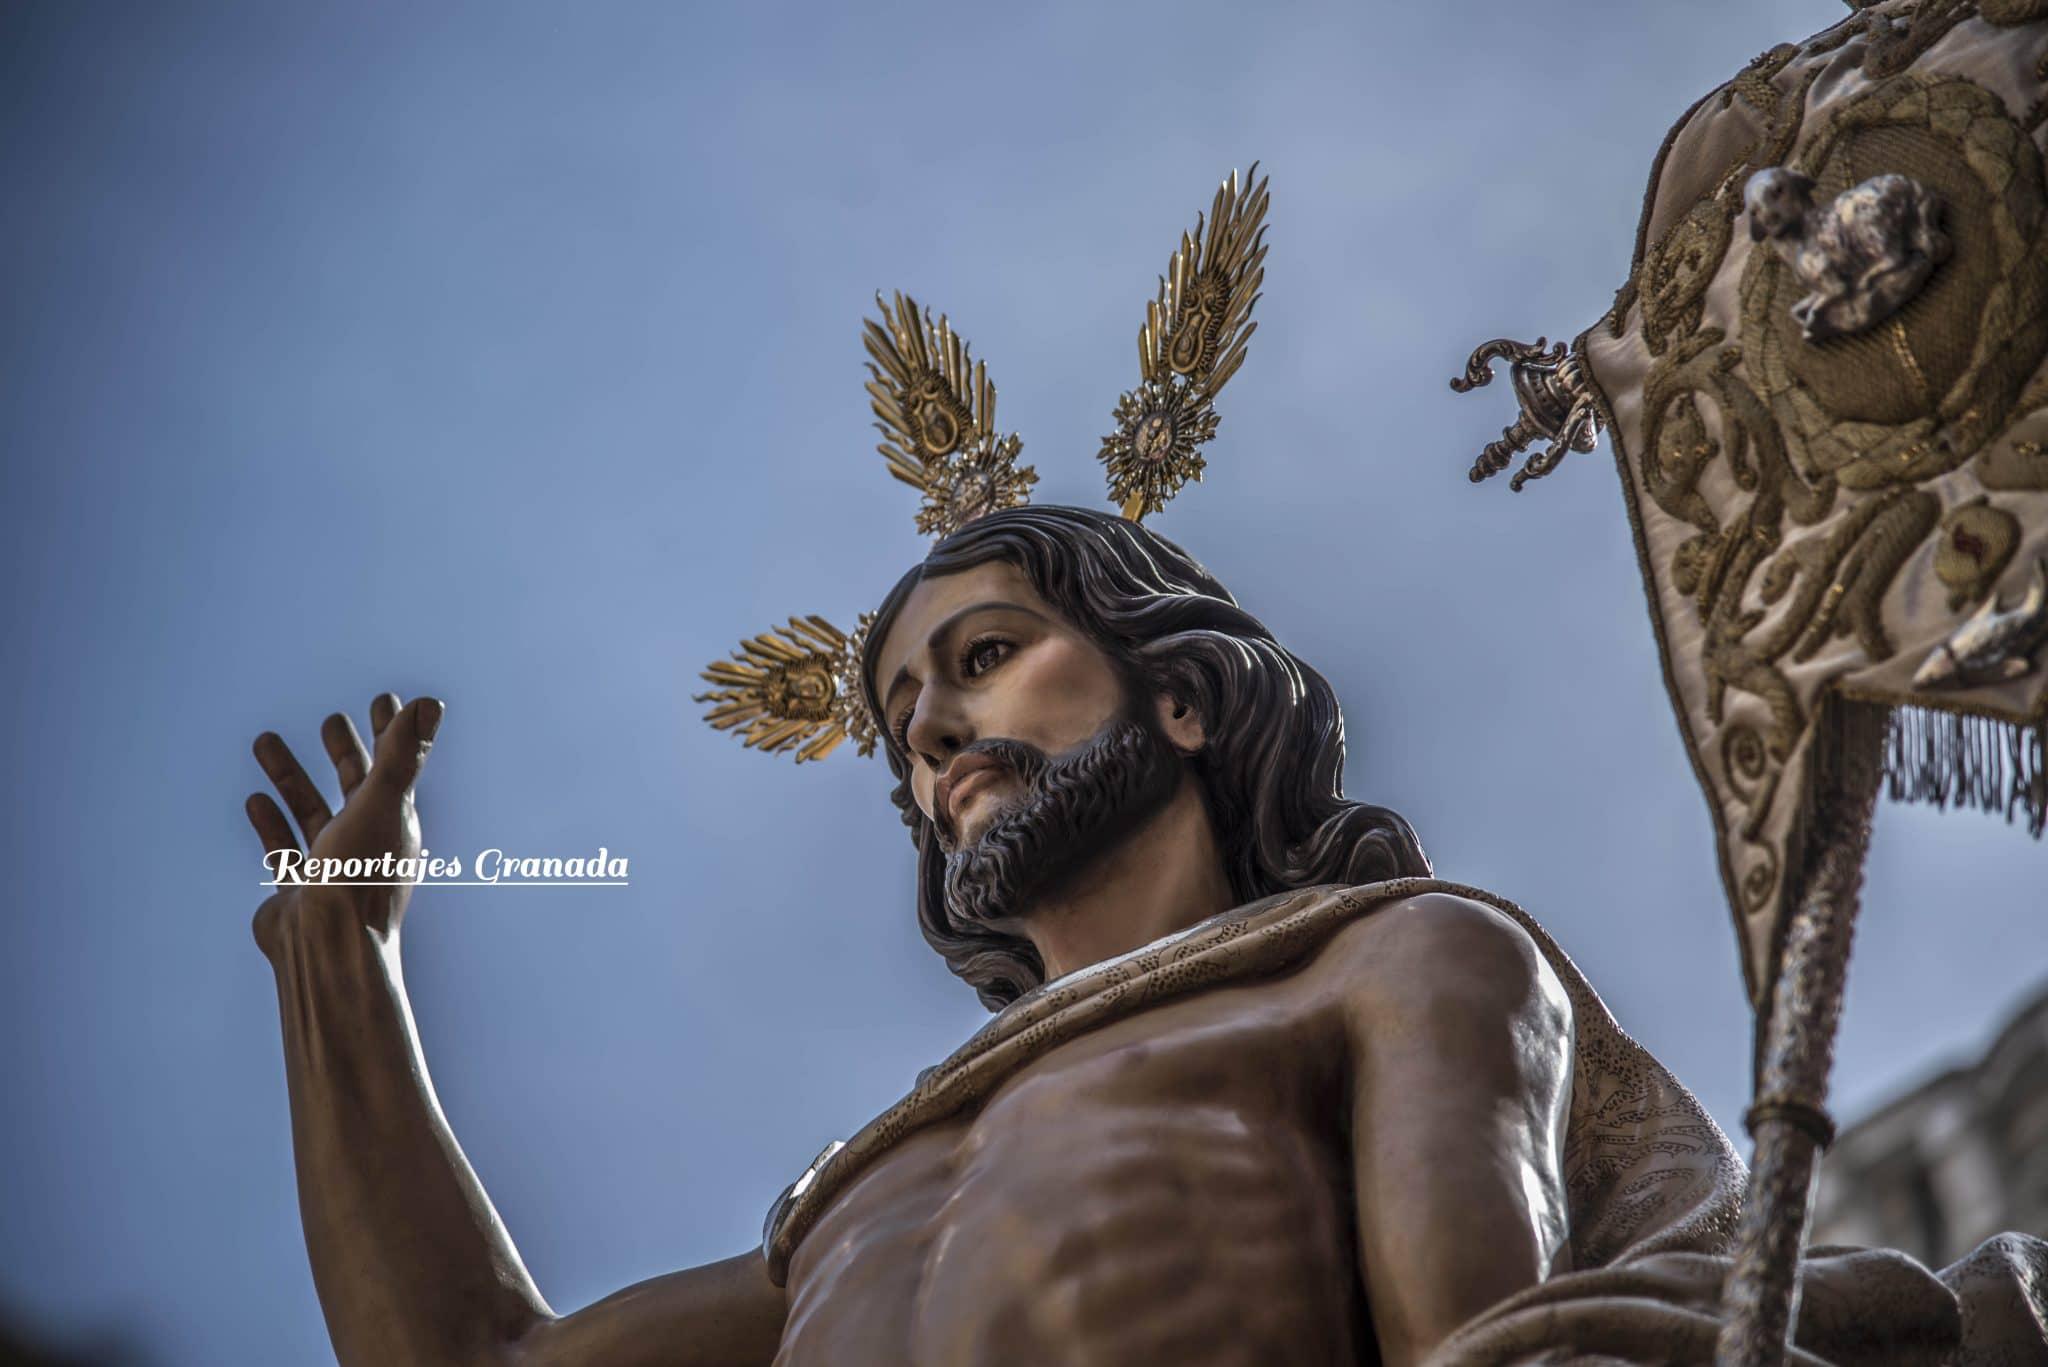 Semana Santa Granada - Resurrección y Triunfo